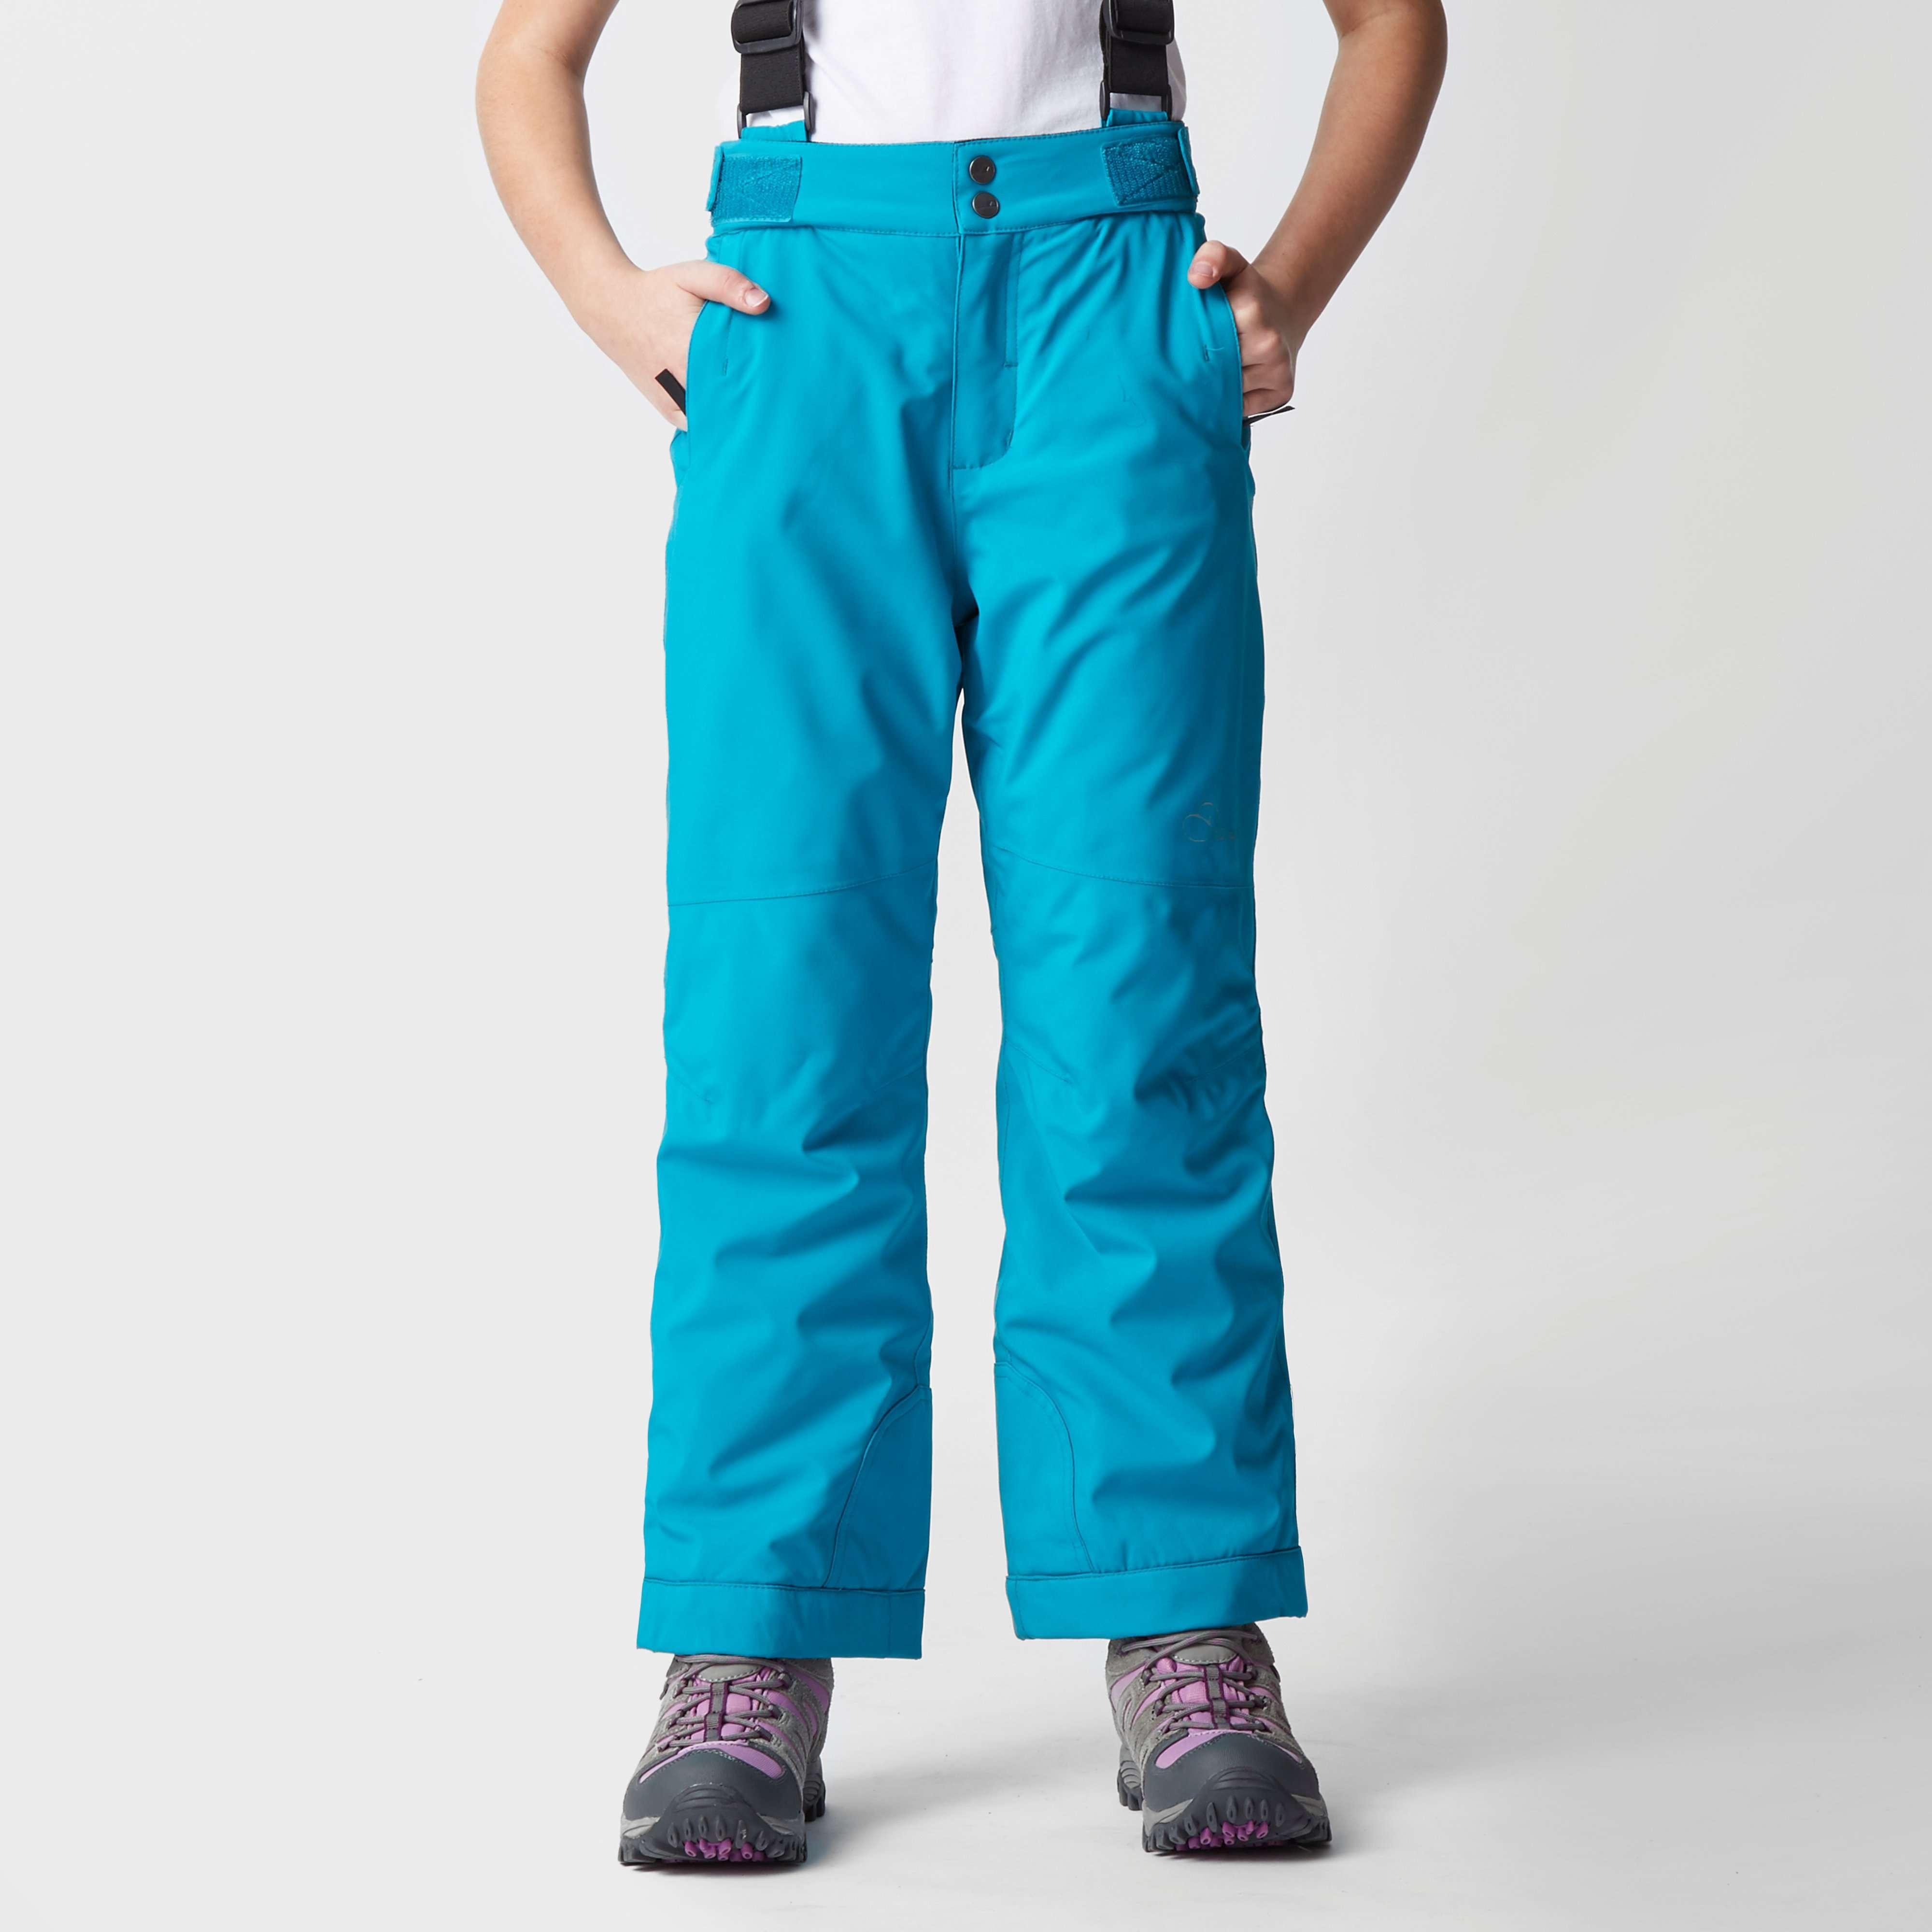 DARE 2B Take On Girls Ski Pants